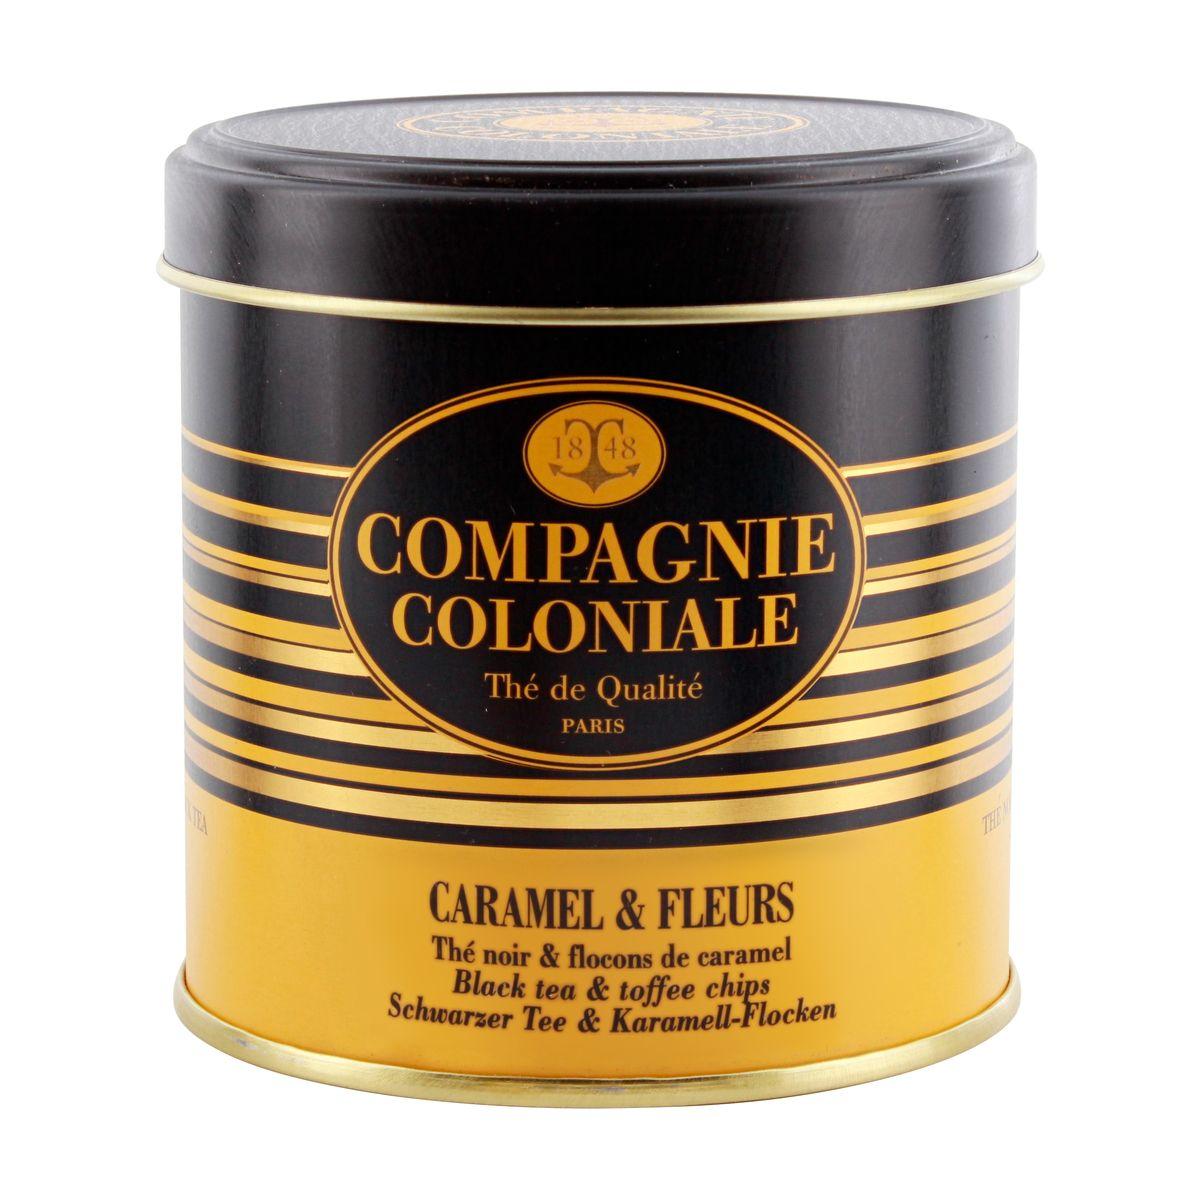 THE NOIR AROMATISE BOITE METAL CARAMEL ET FLEUR - COMPAGNIE COLONIALE